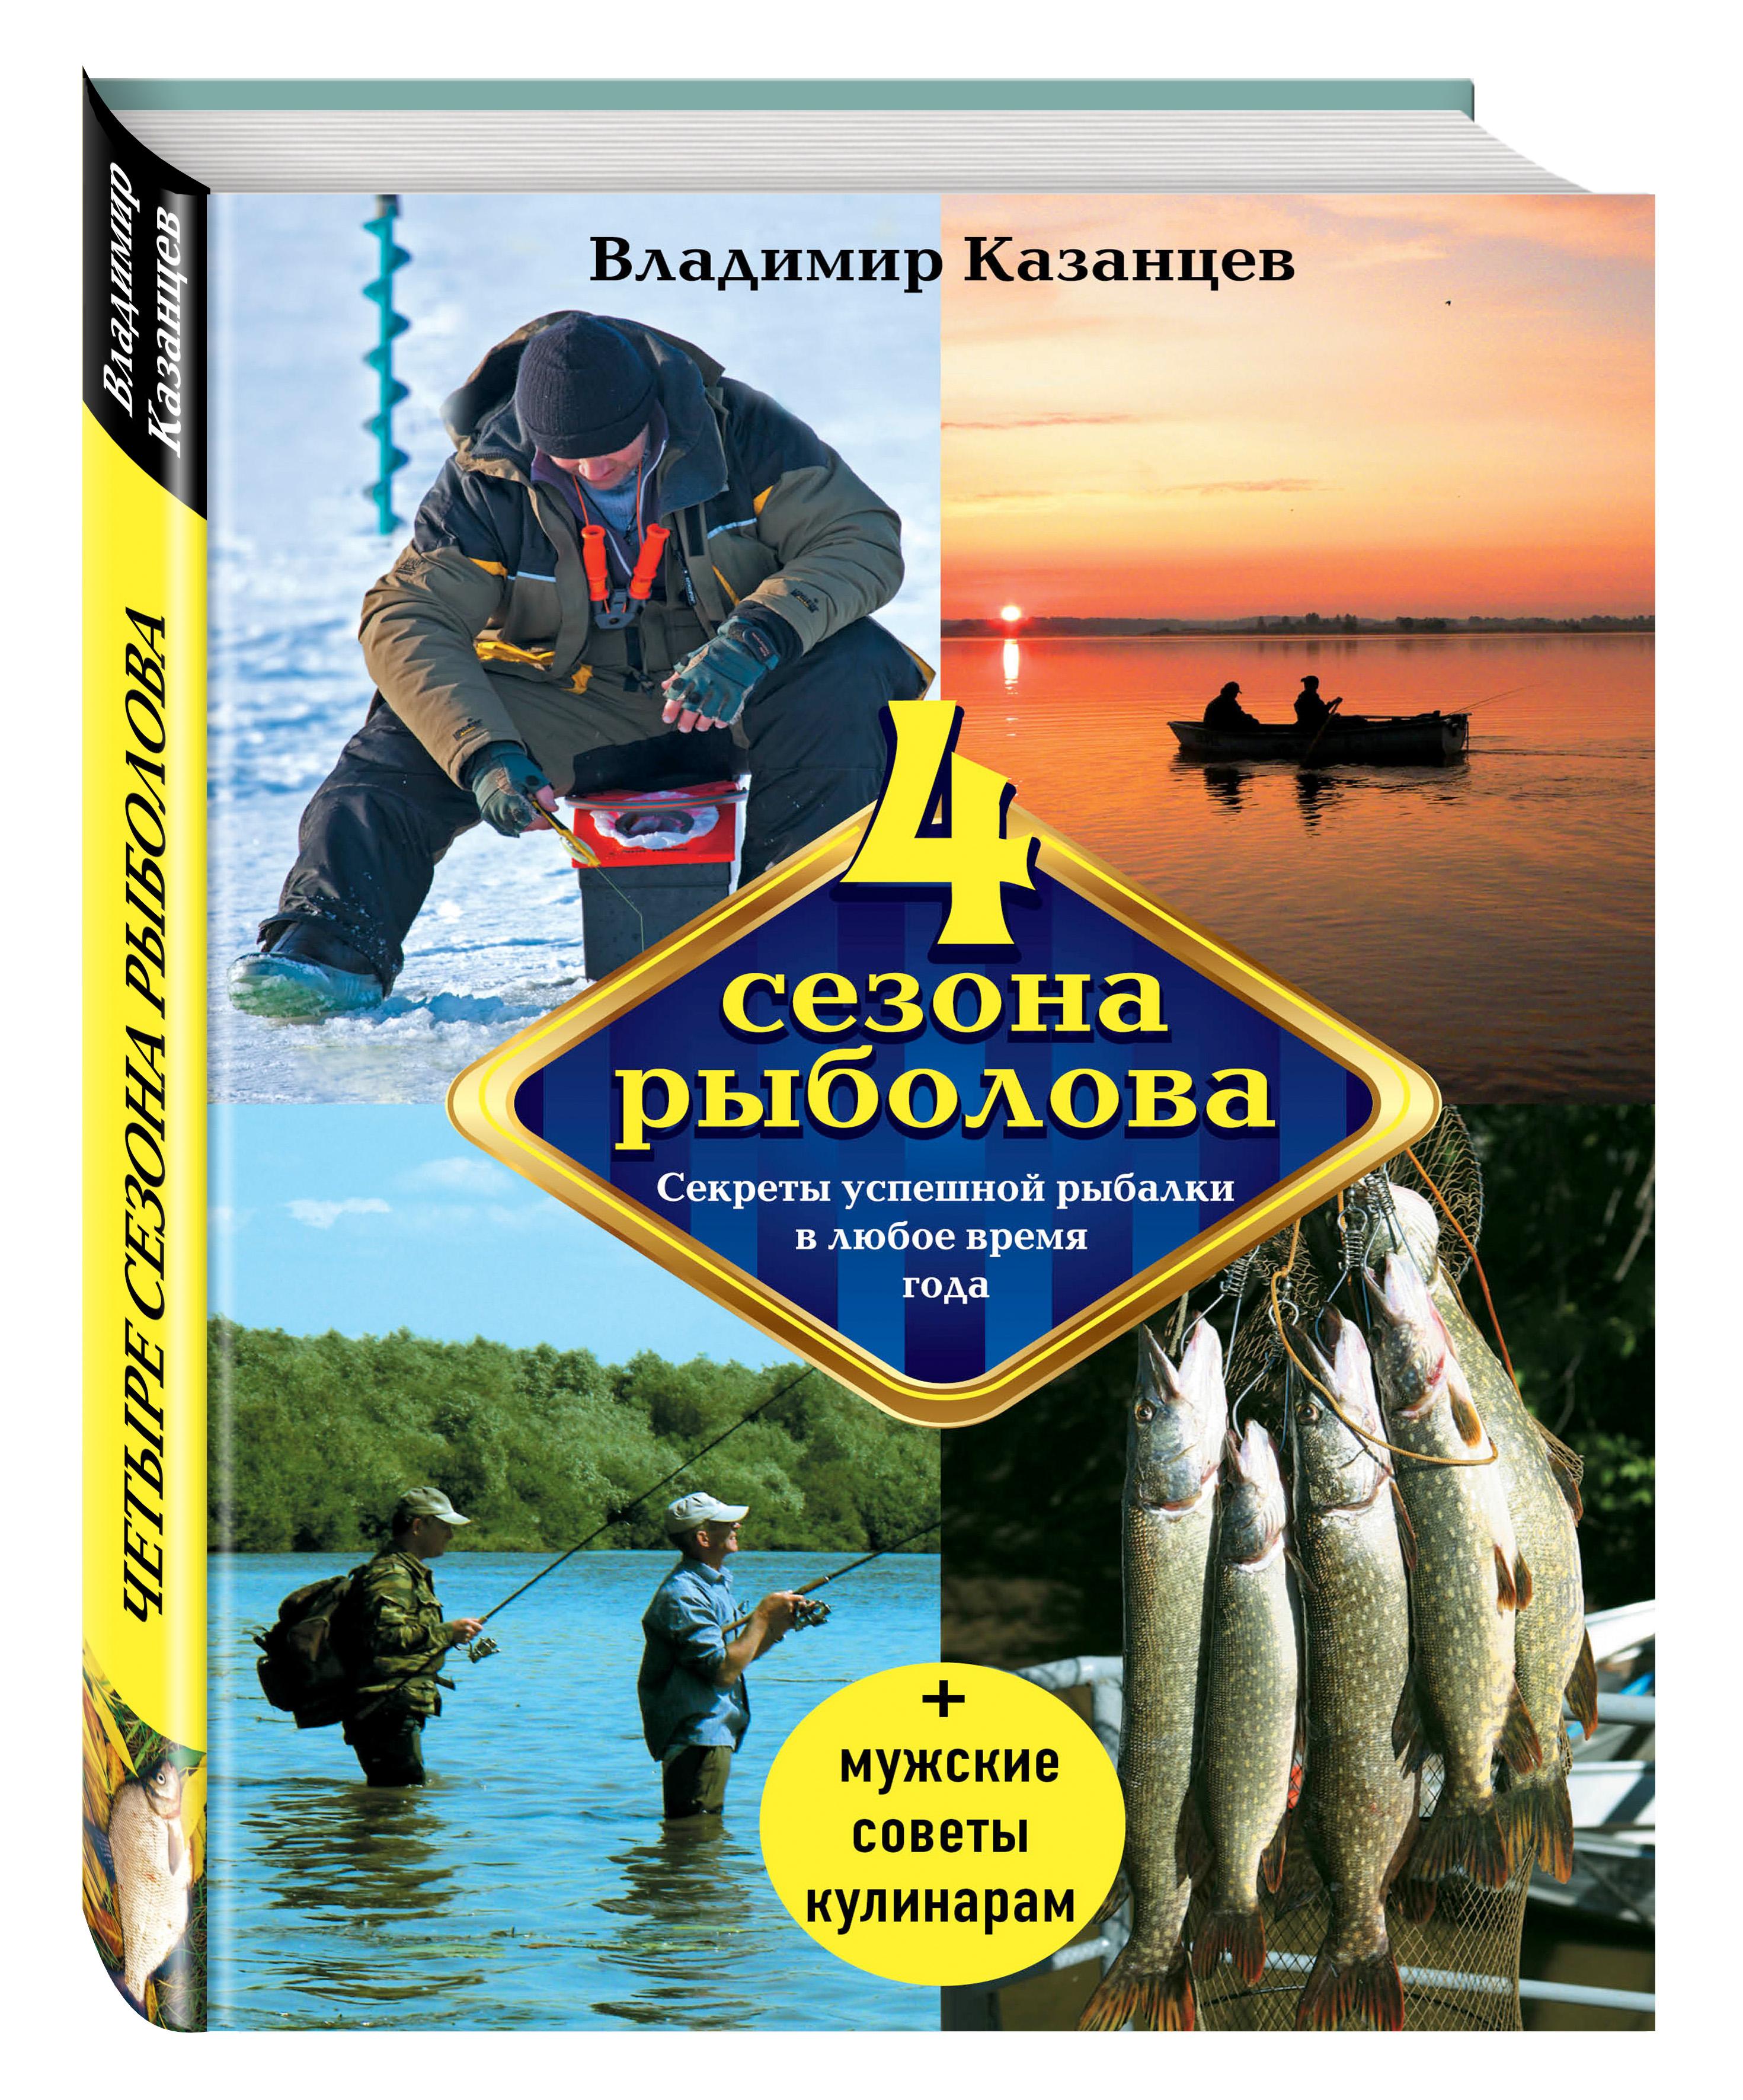 В. Казанцев Четыре сезона рыболова, 2-е изд., испр. и доп. владимир казанцев четыре сезона рыболова